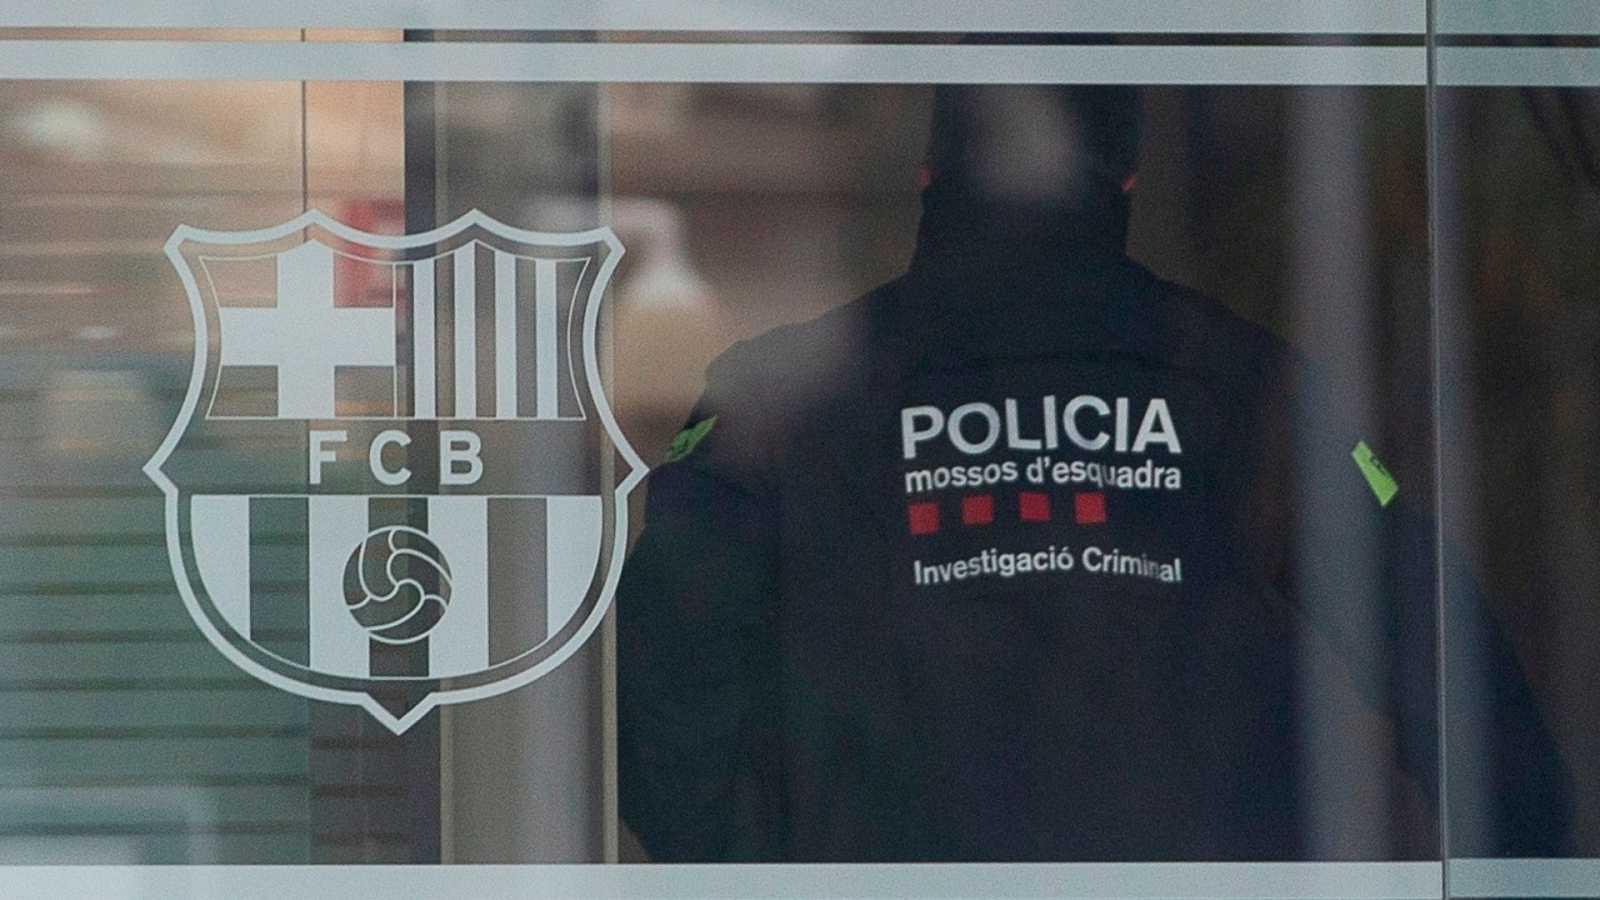 Boletines RNE - Bartomeu queda en libertad con cargos tras negarse a declarar - Escuchar ahora